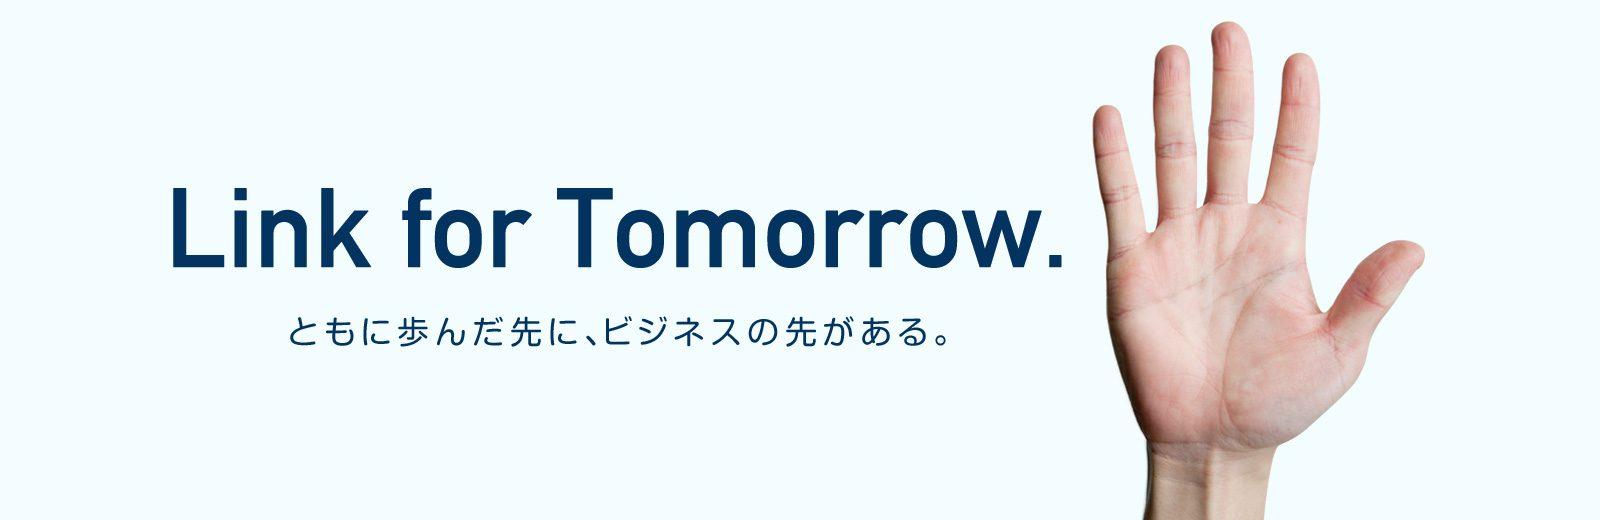 Link For Tomorrow. ともに歩んだ先に、ビジネスの先がある。